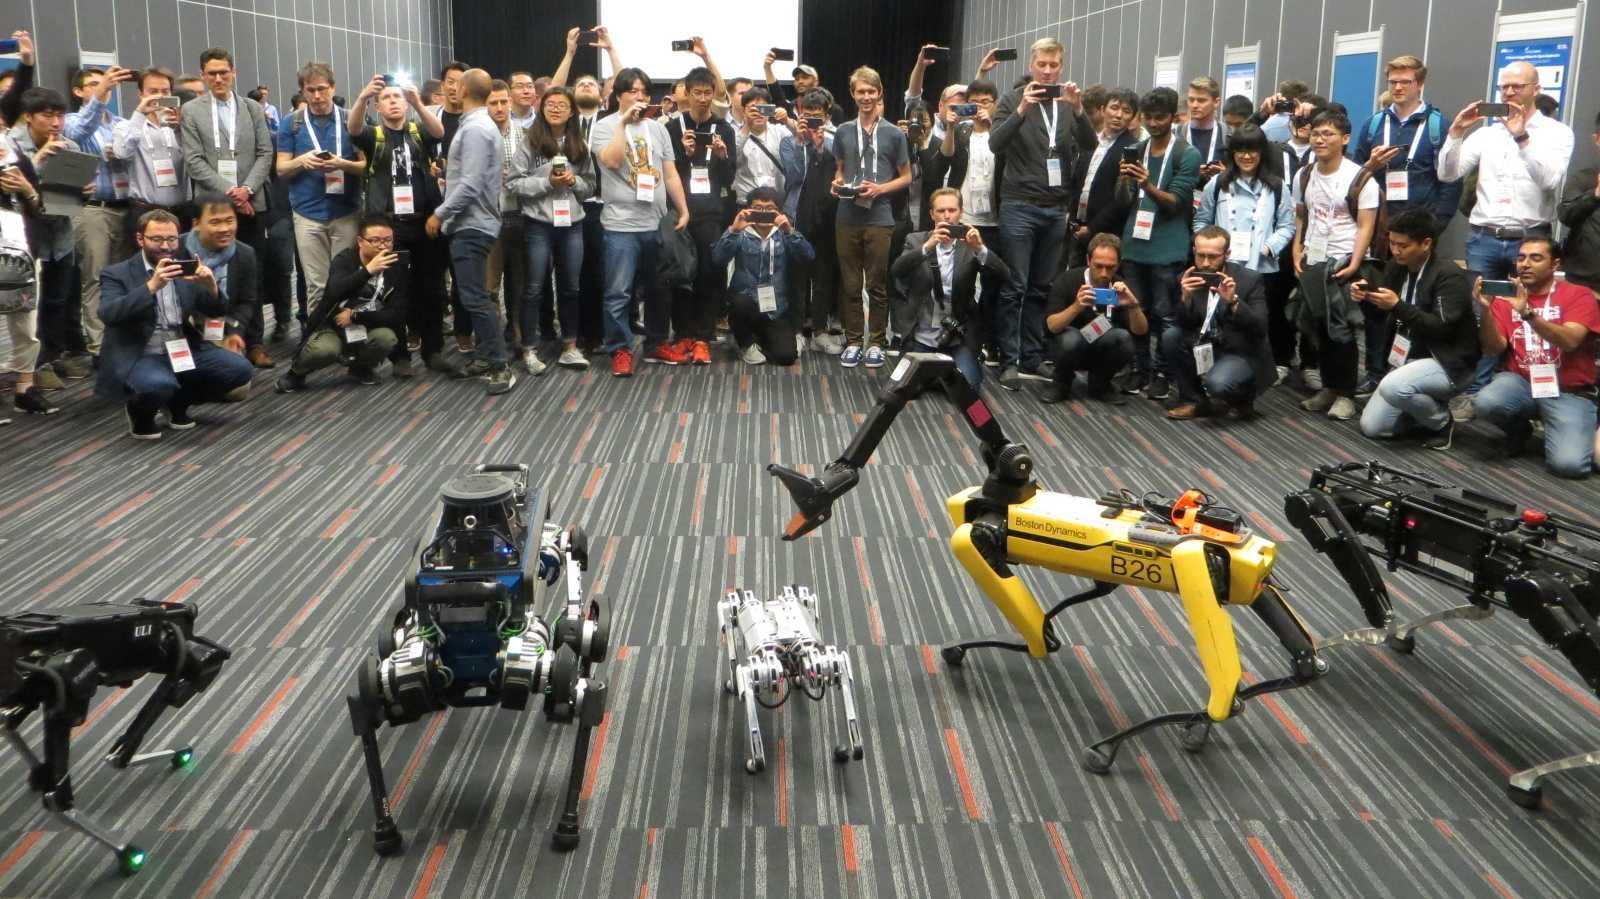 ICRA: Debatten zur Zukunft der Robotik